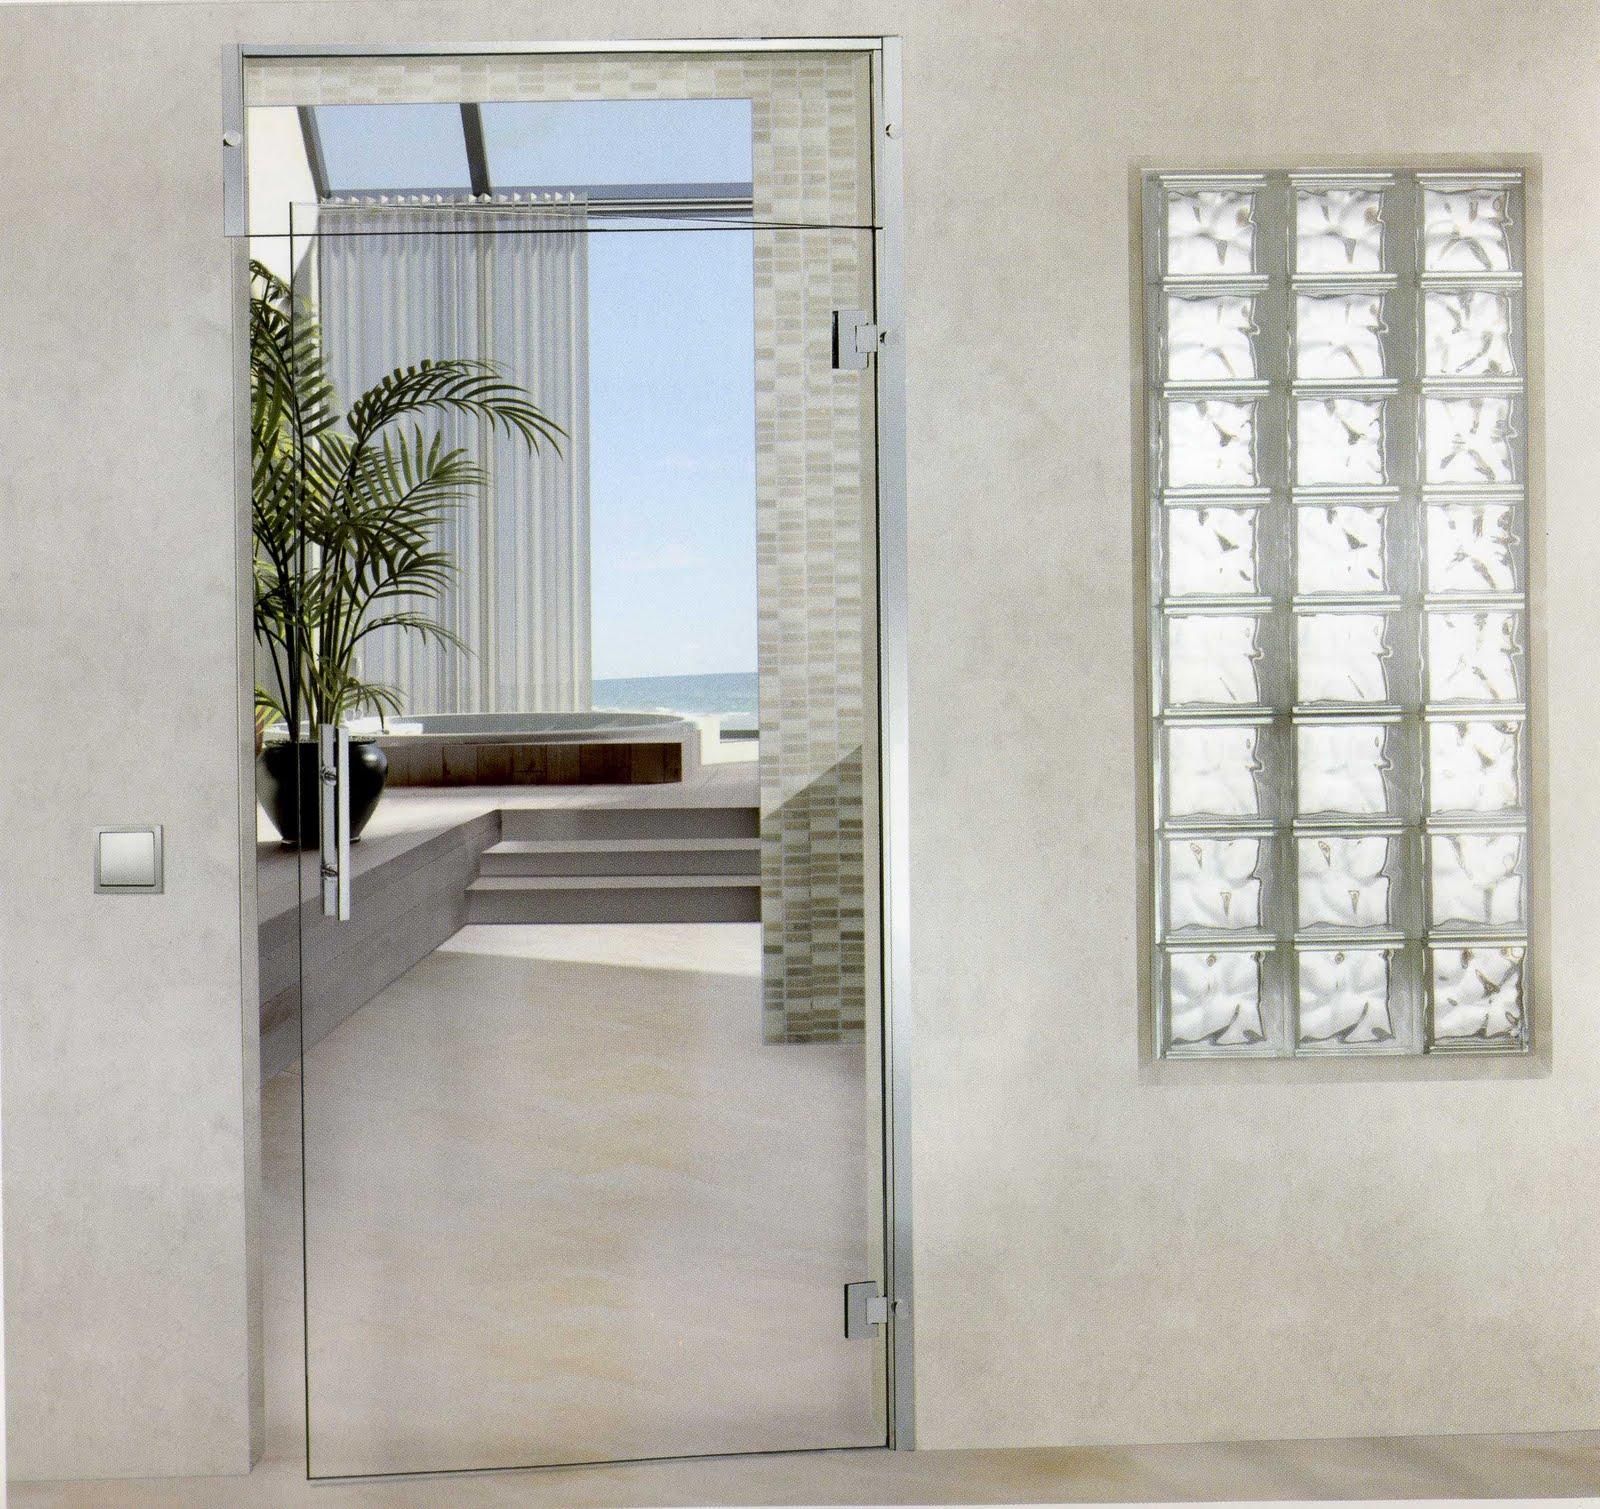 Aluminio y pvc en aranjuez y alrededores alumifrank - Catalogo de cristales para puertas de interior ...